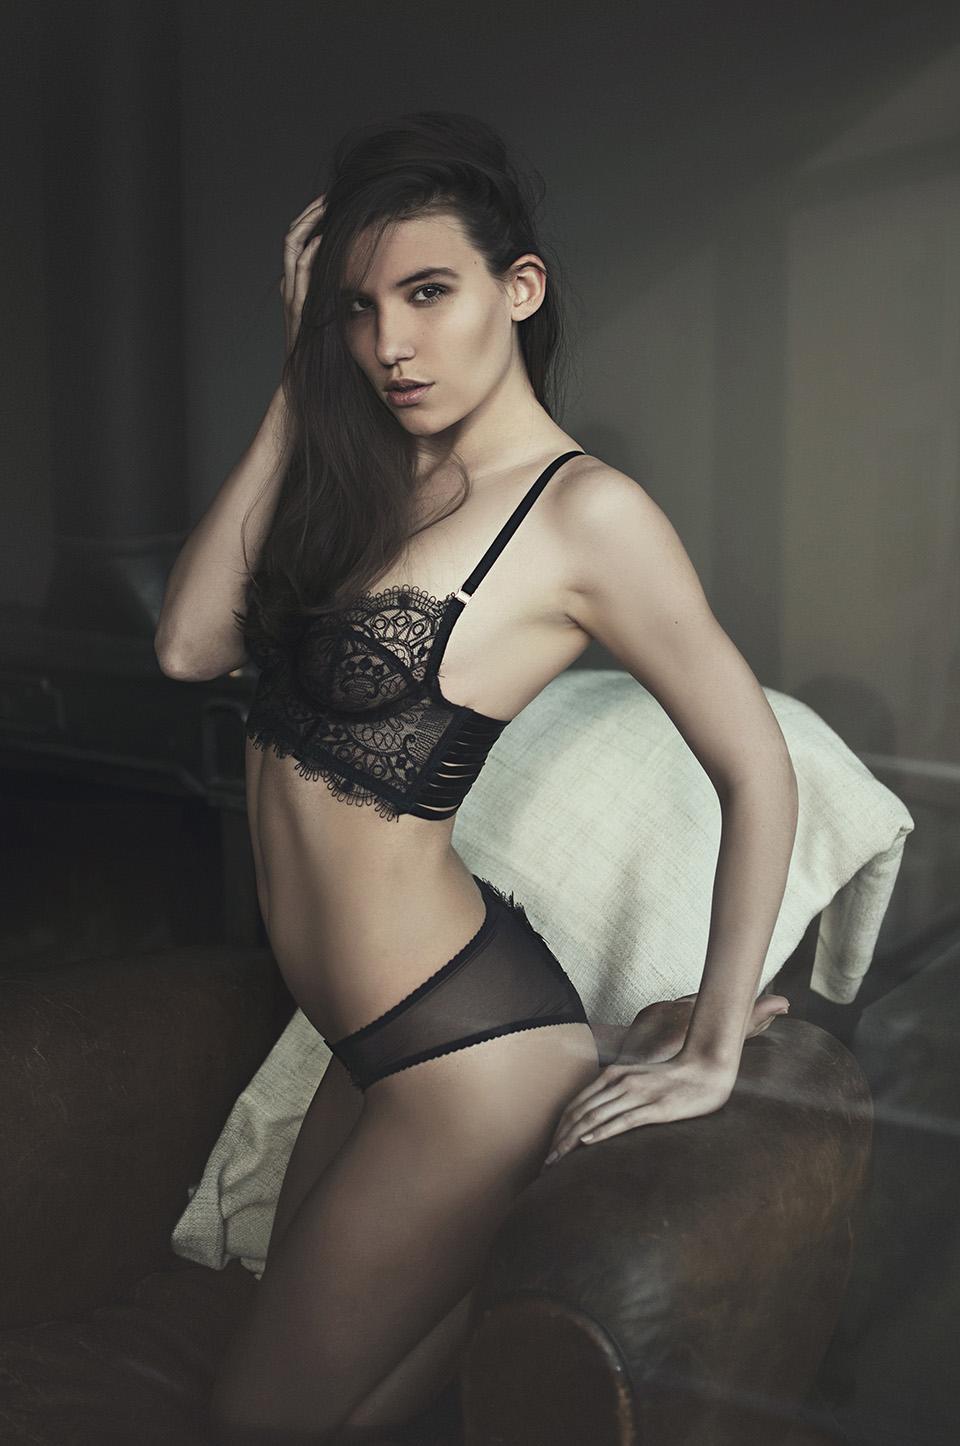 brigade mondaine mathilde simon frederic noyon lingerie